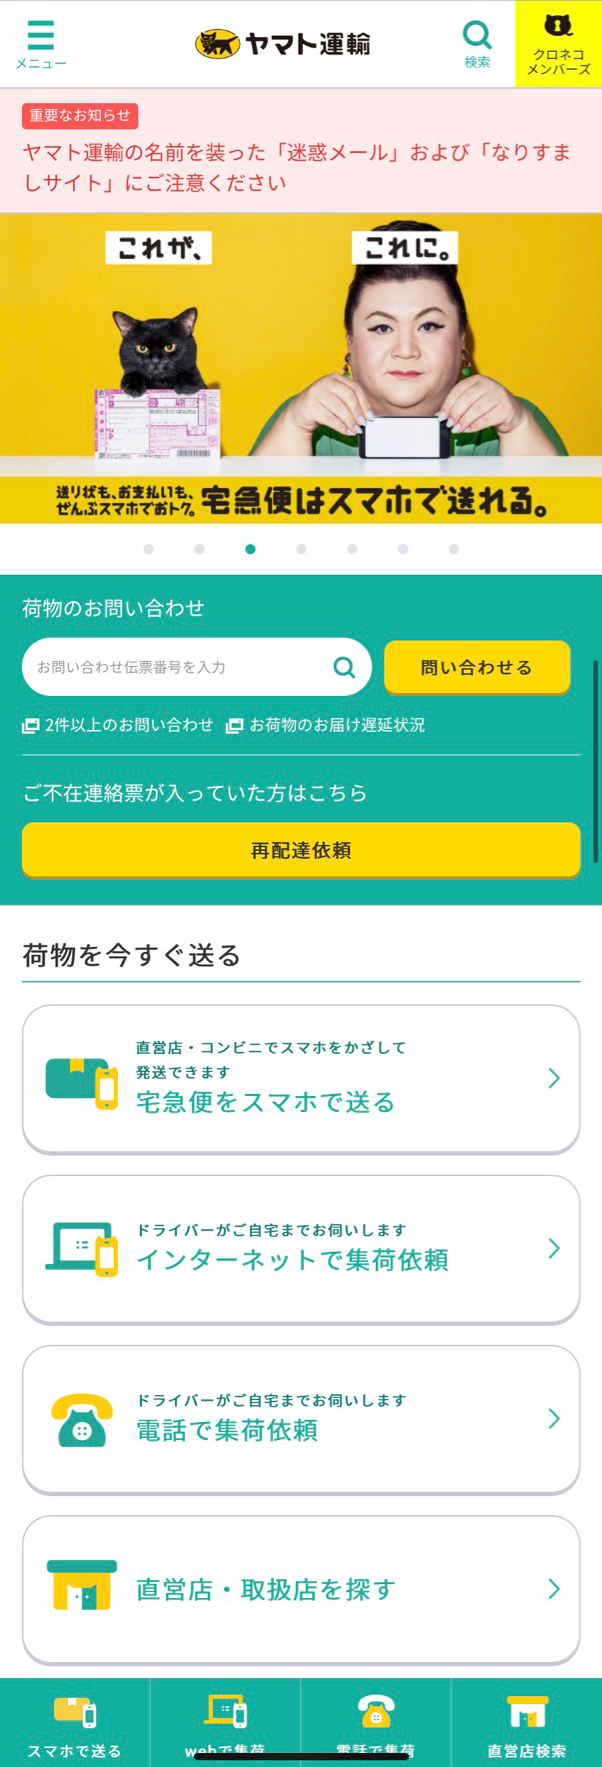 クロネコヤマトのモバイルサイト